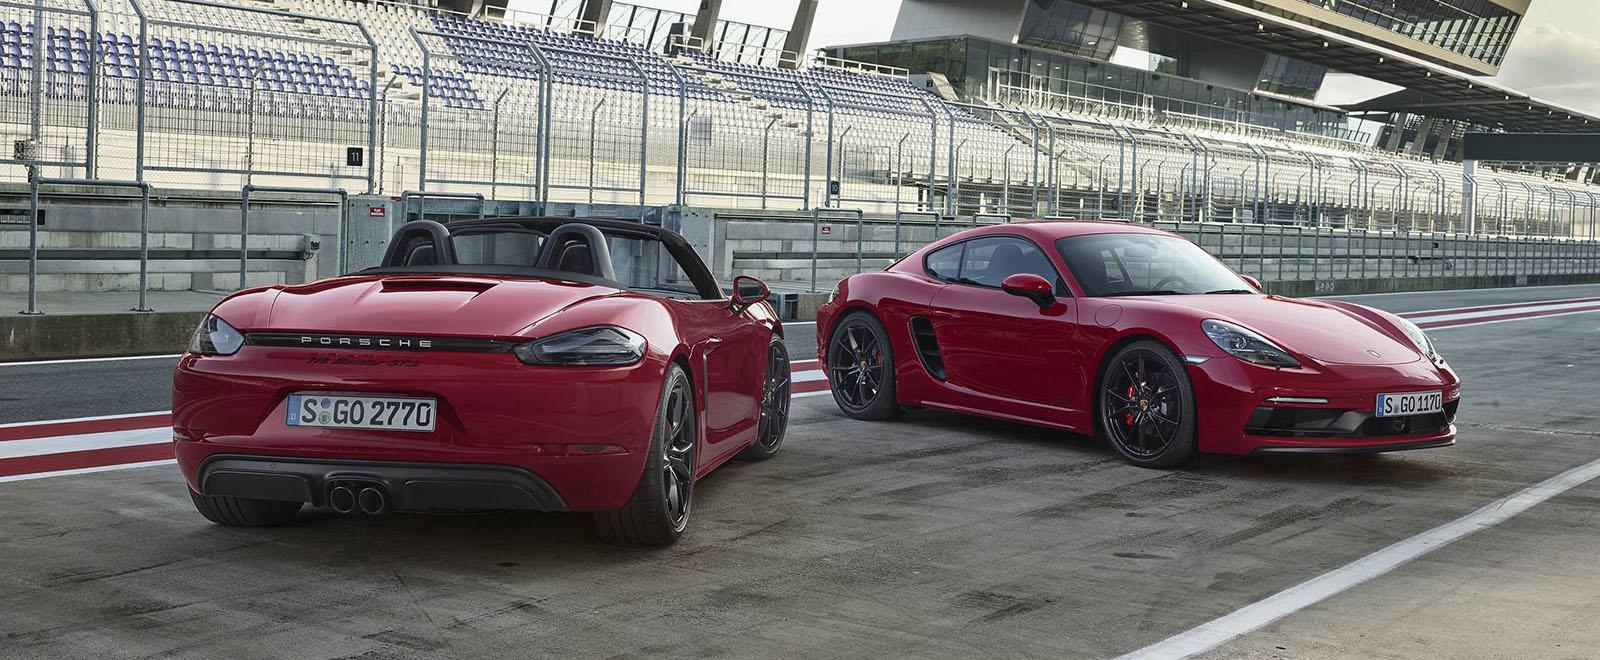 Porsche 718 cayman gts je tu ale zase so tvorvalcom